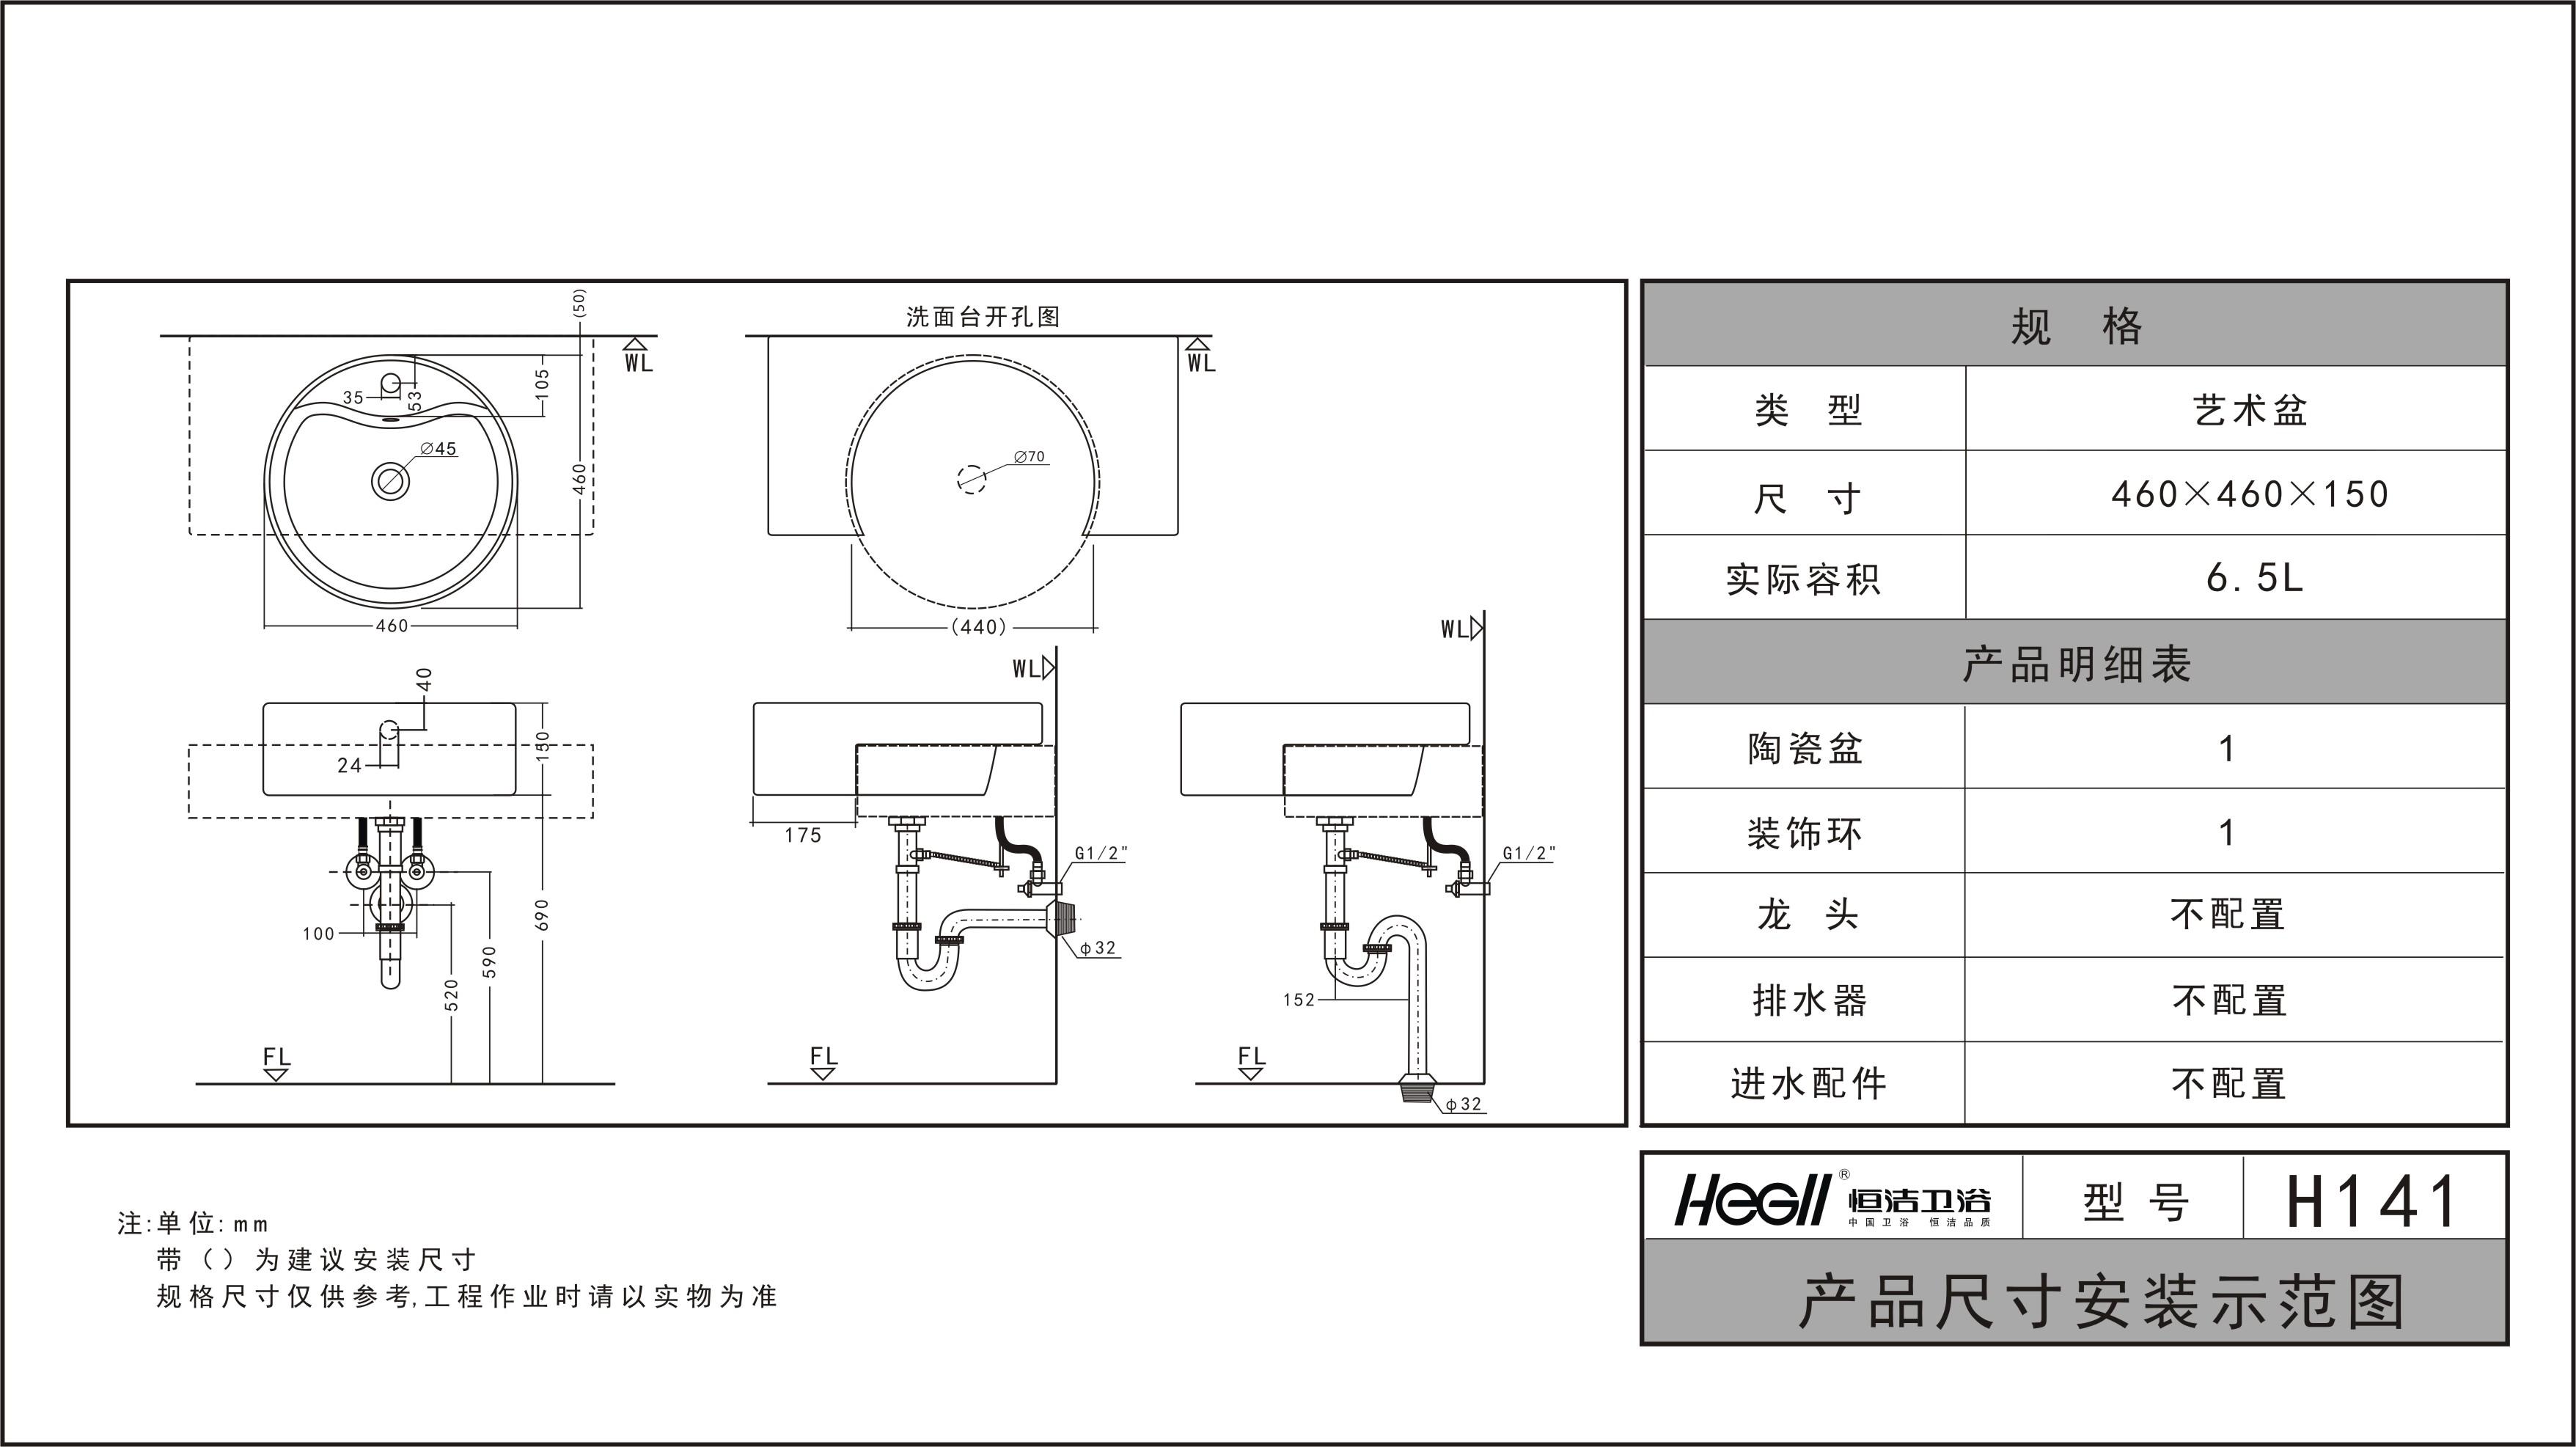 h141-整体卫浴-恒洁卫浴官网-十大卫浴品牌-技术领先